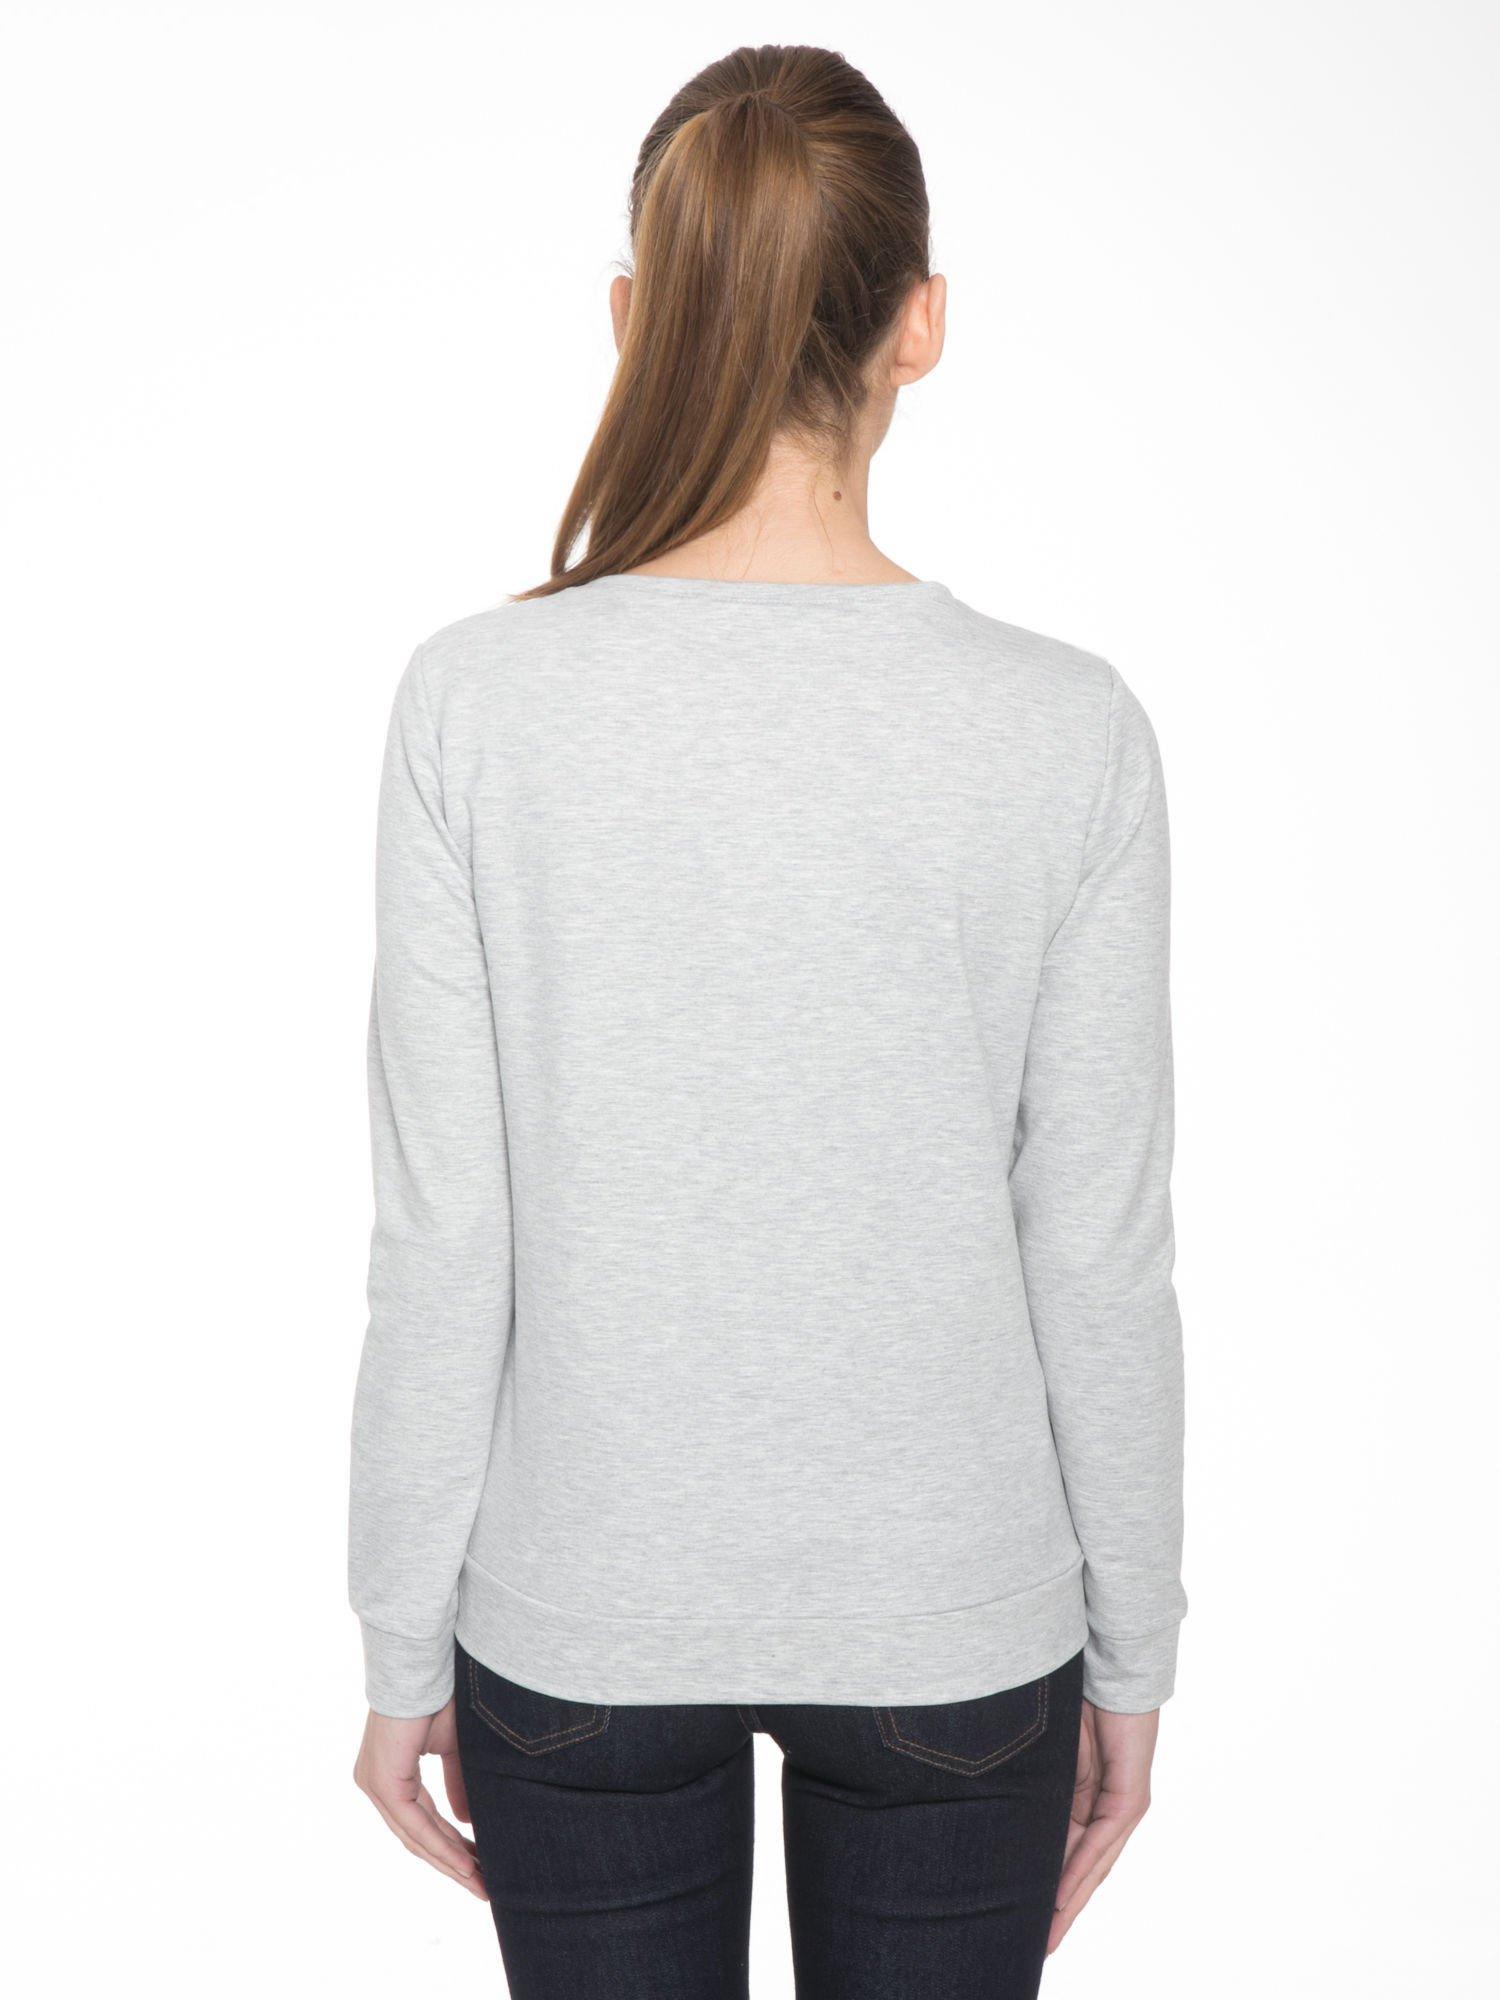 Szara dresowa bluza z nadrukiem pandy                                  zdj.                                  4